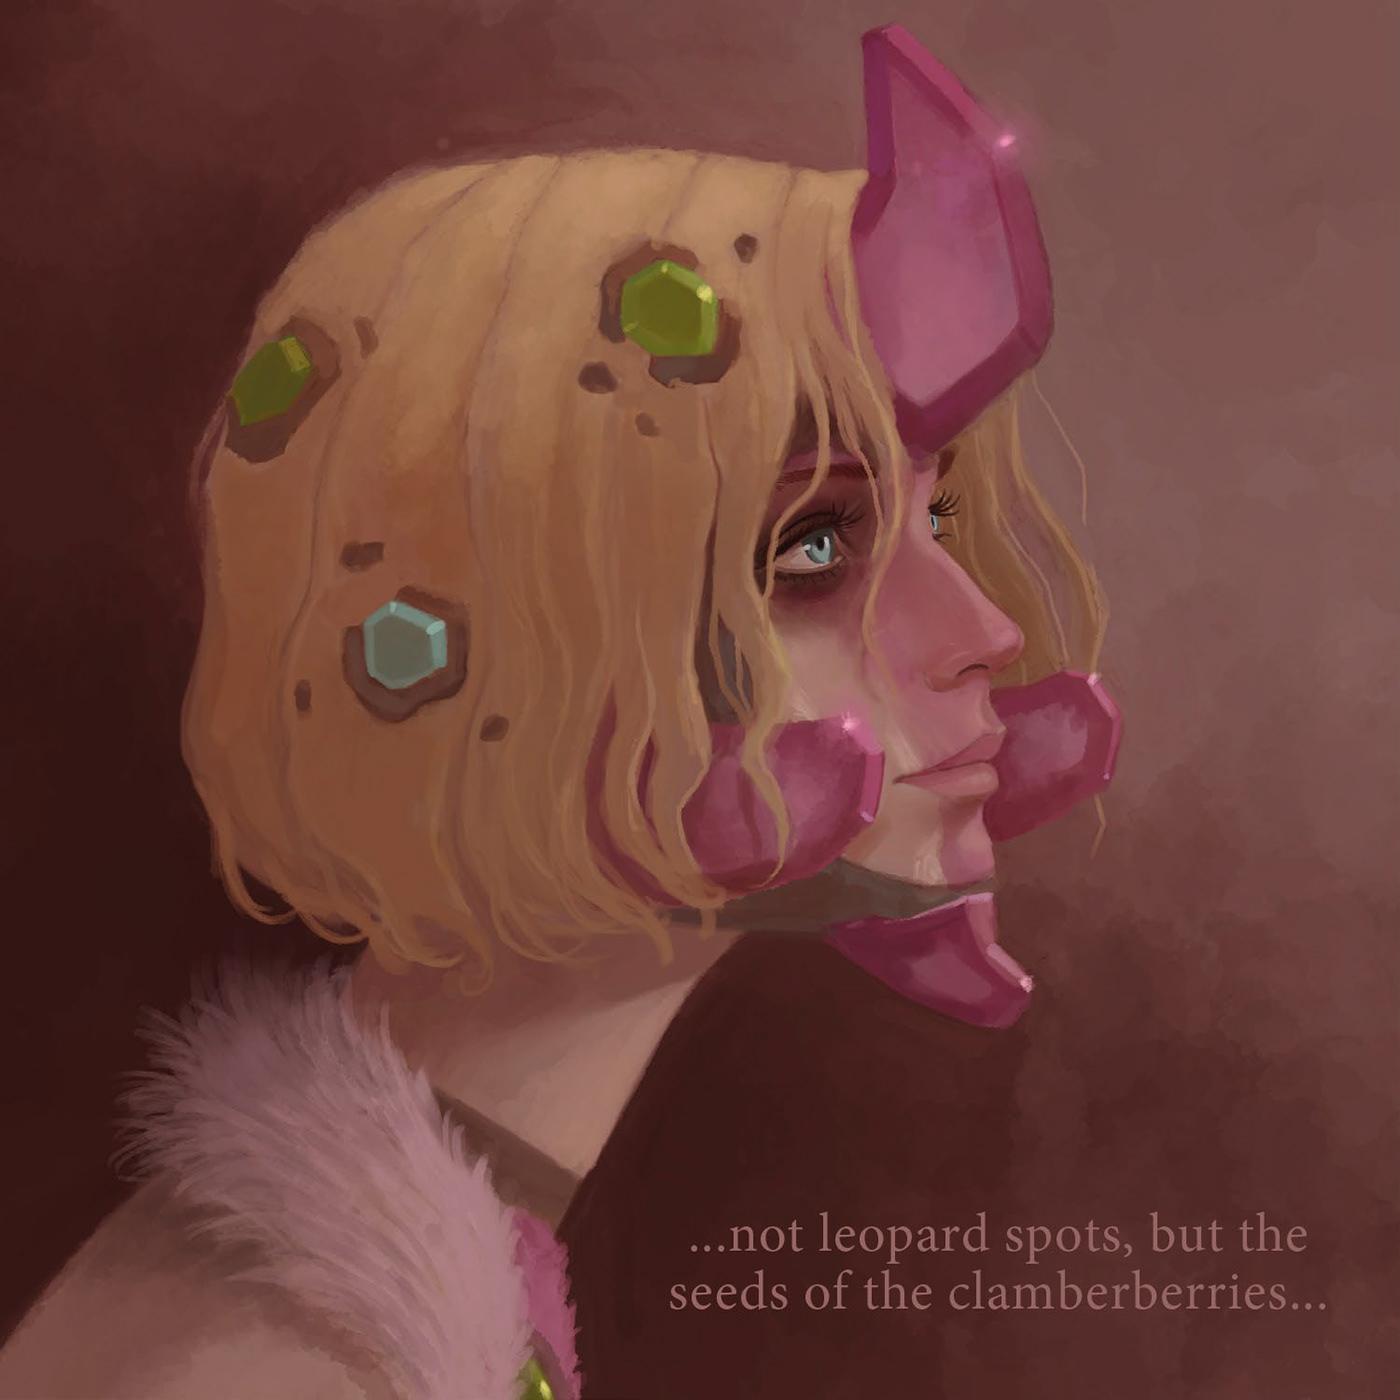 cavegirl cavewoman Character crystal fantasy pink